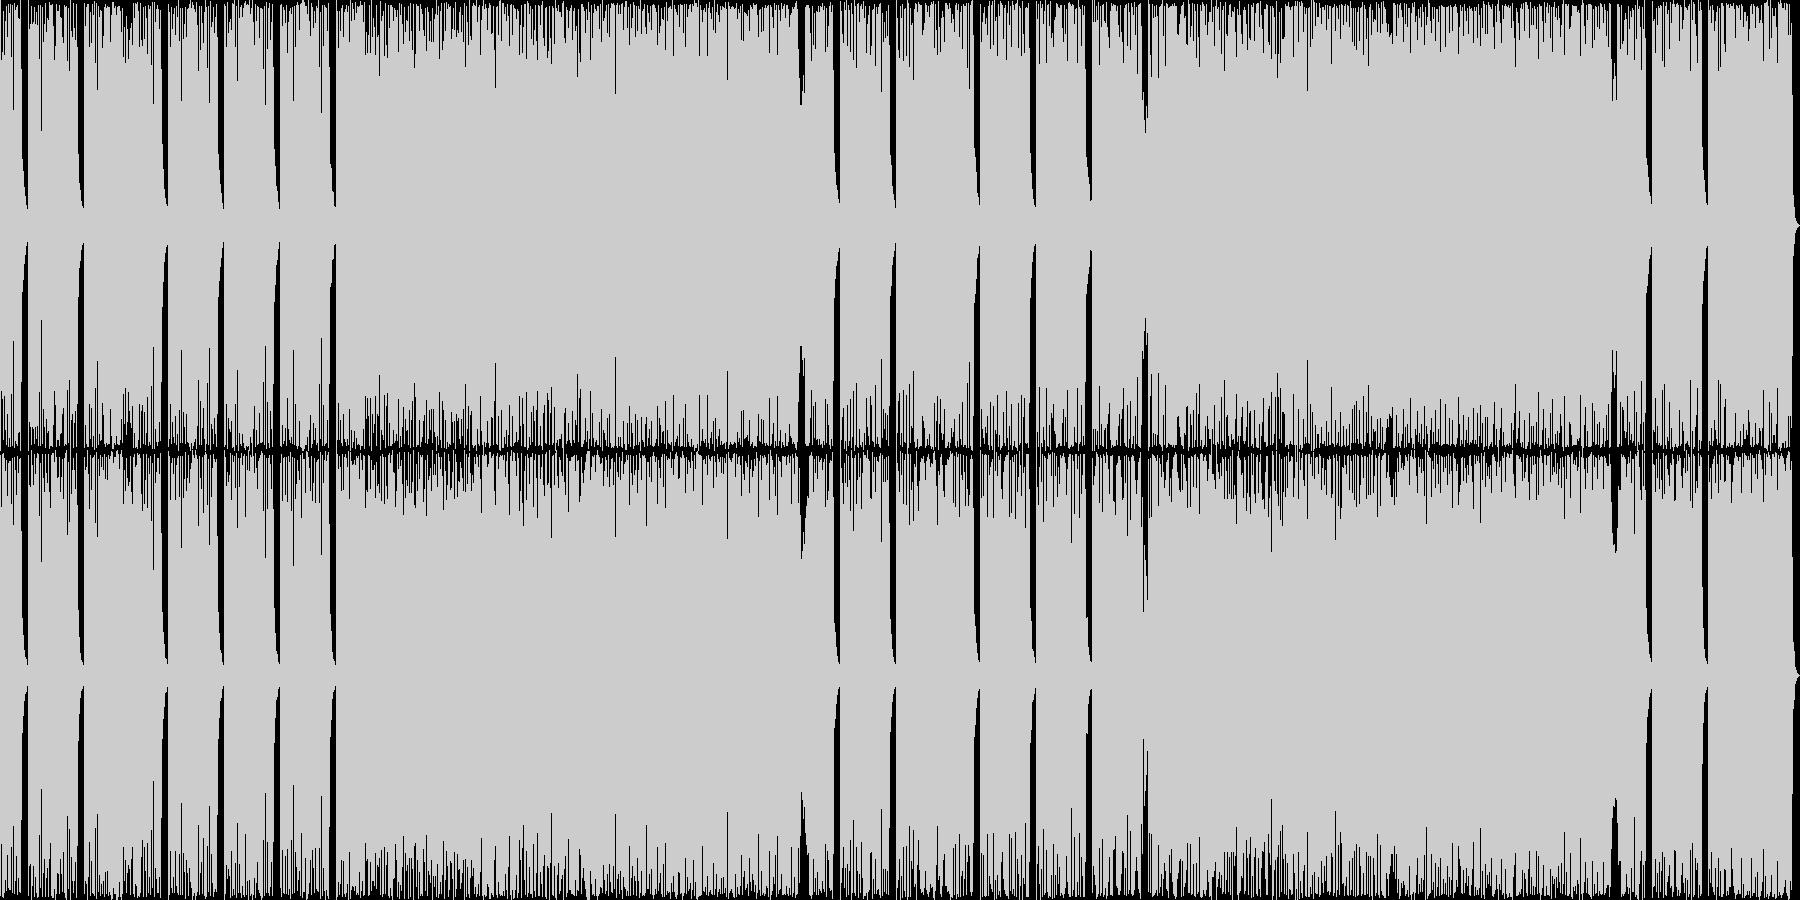 カシオペアばりの16ビートフュージョン2の未再生の波形